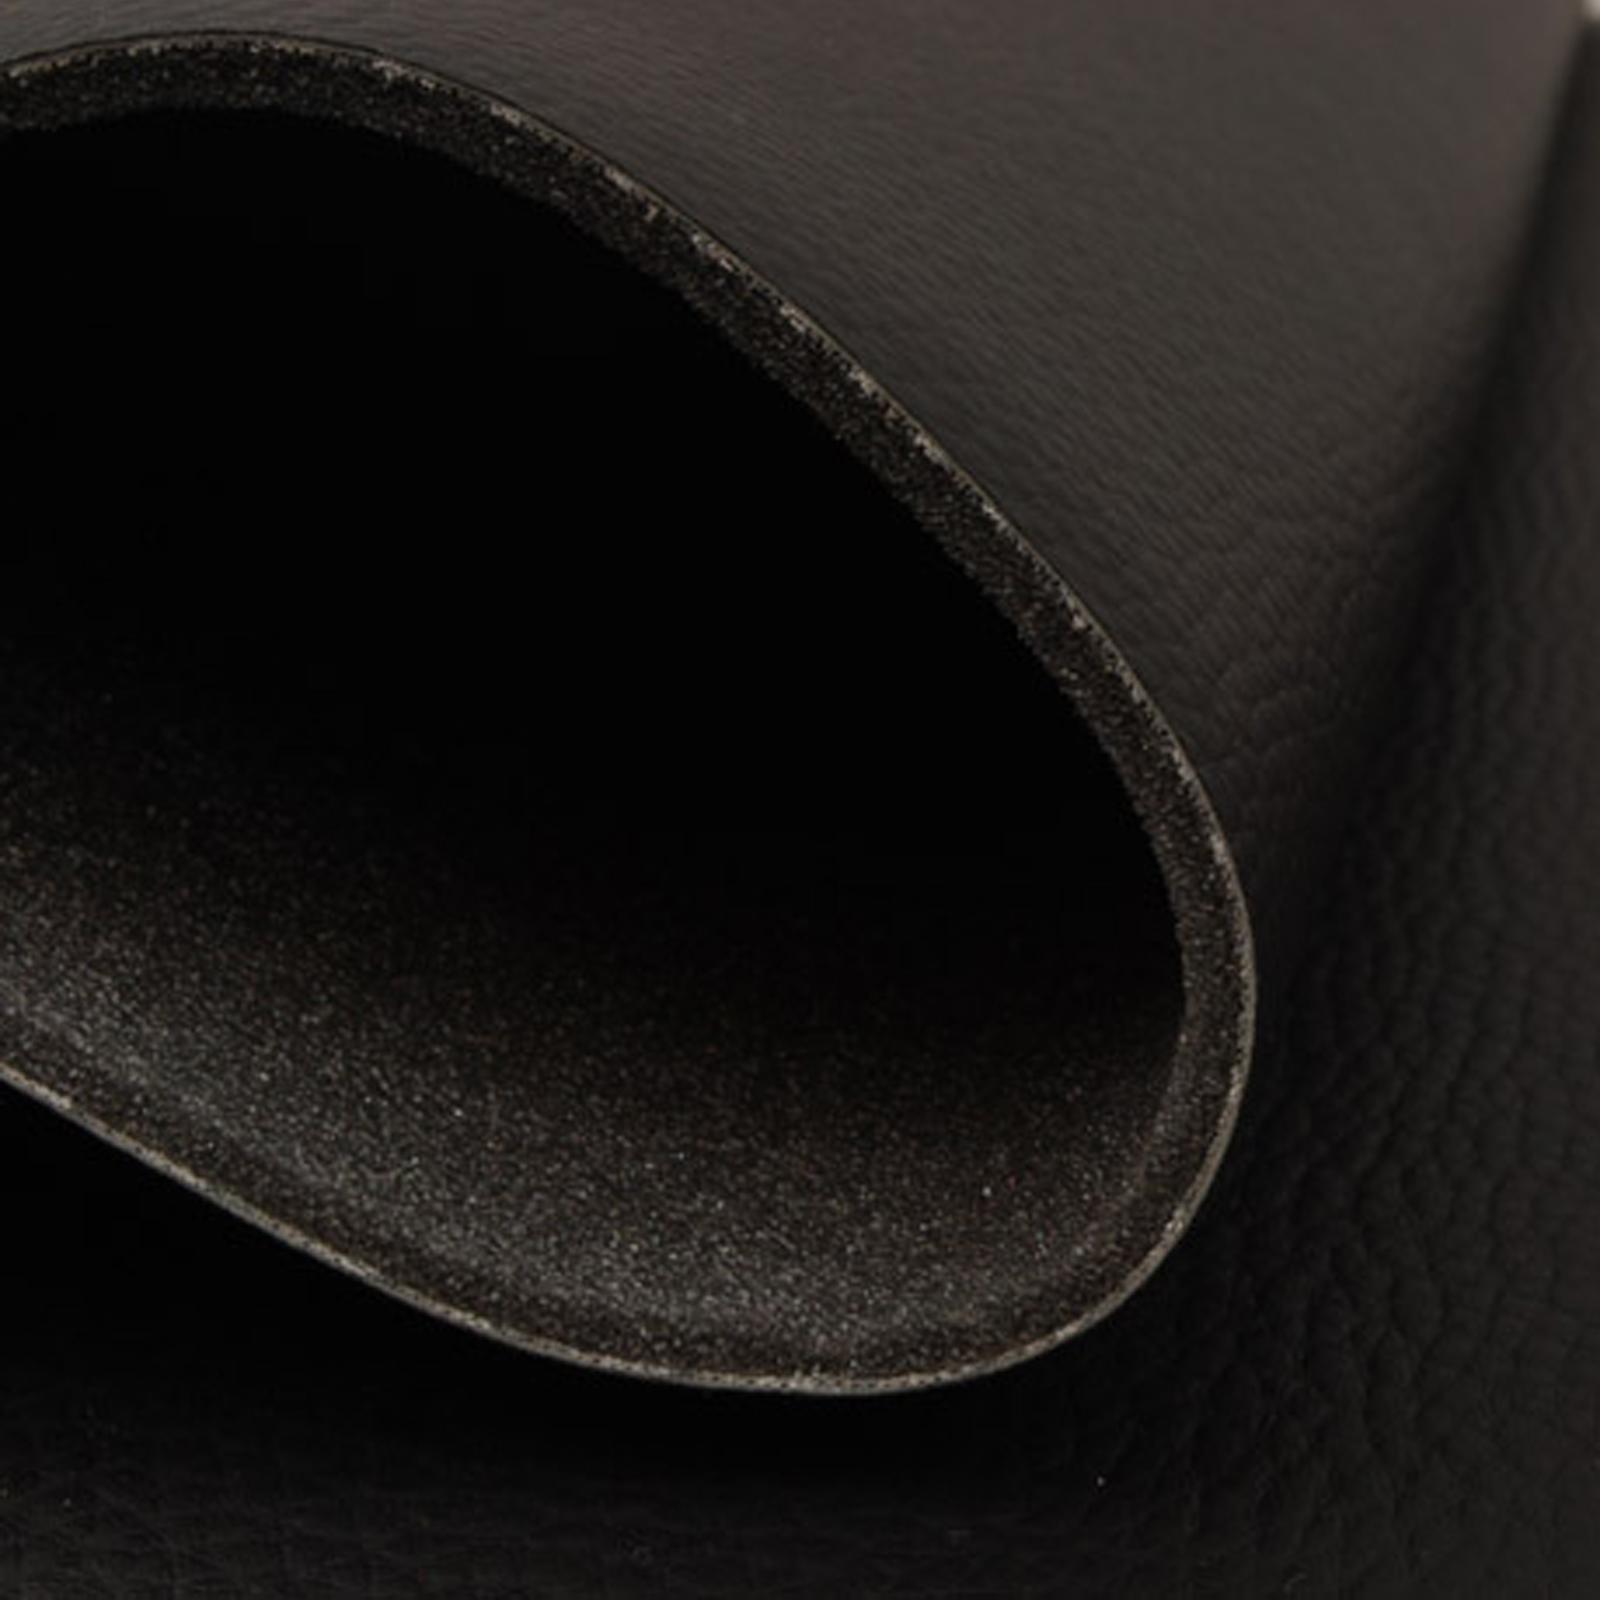 kunstleder leder pvc m bel sitzbezug meterware polster t131 10 schwarz ebay. Black Bedroom Furniture Sets. Home Design Ideas